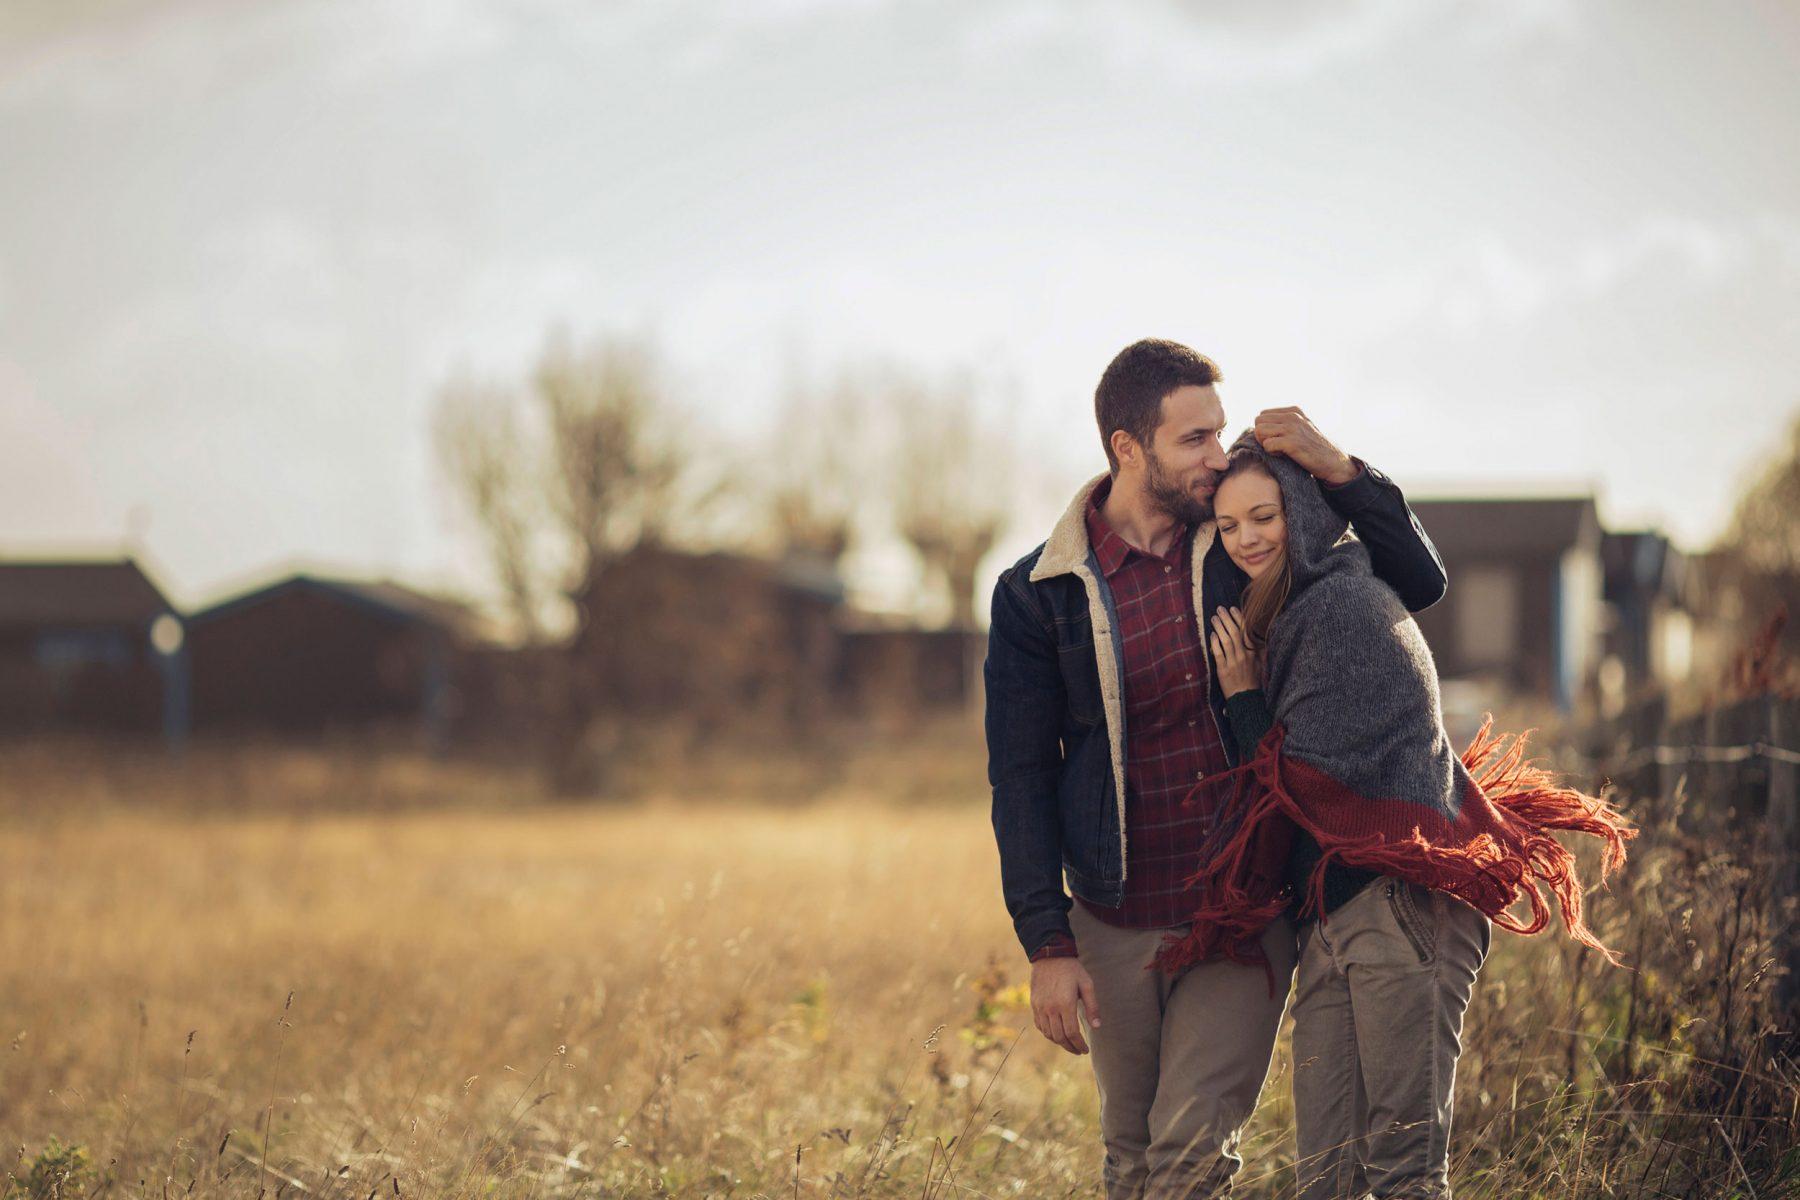 Έλξη σχέση: Πώς επιλέγουμε έναν σύντροφο;